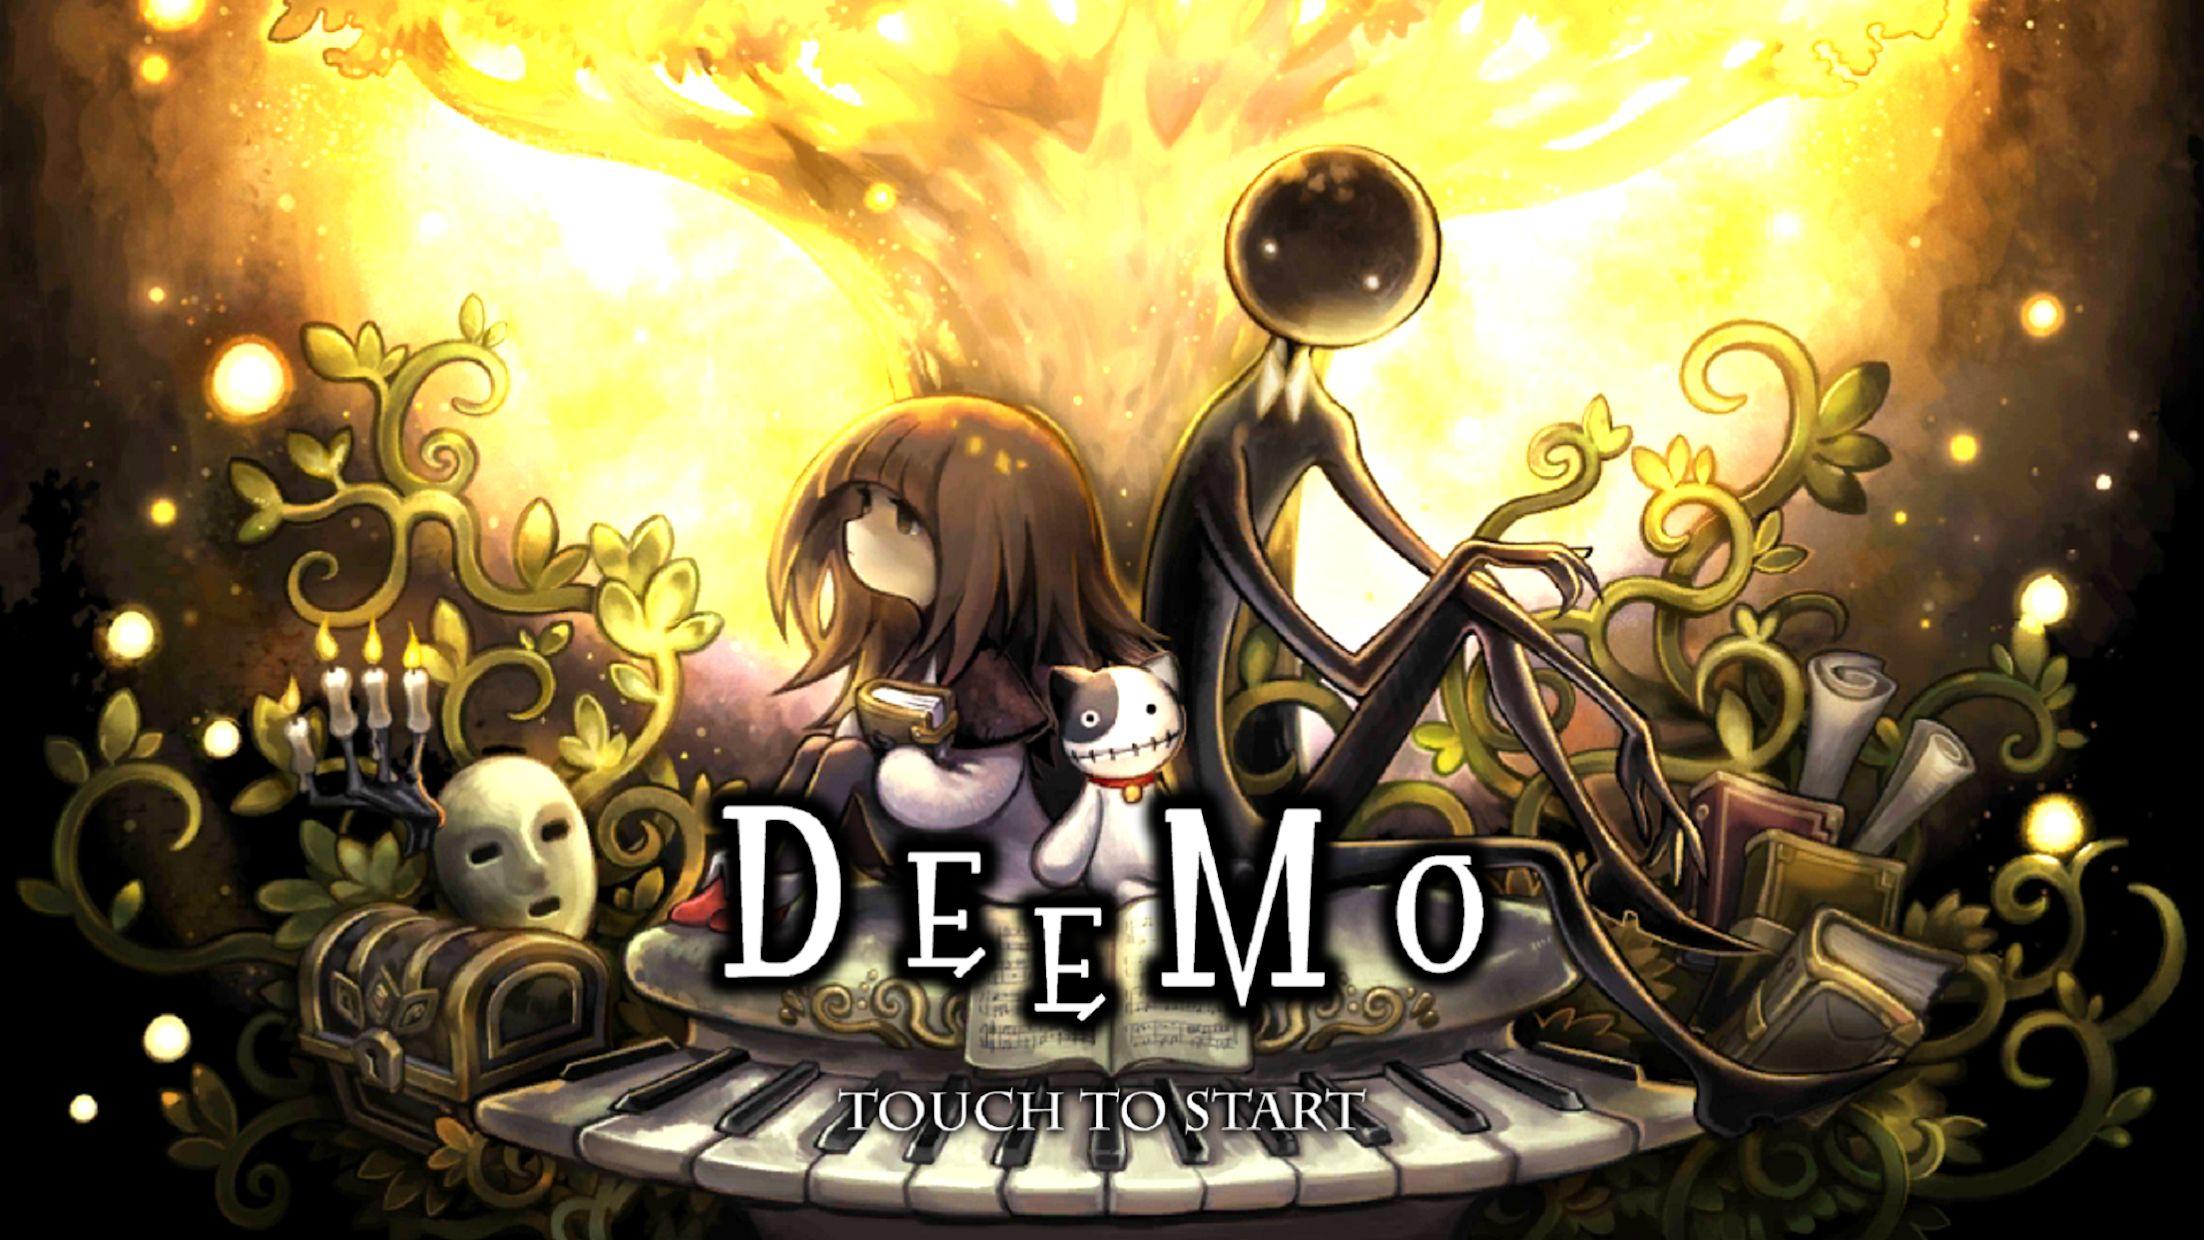 DEEMO(古树旋律) 游戏截图1